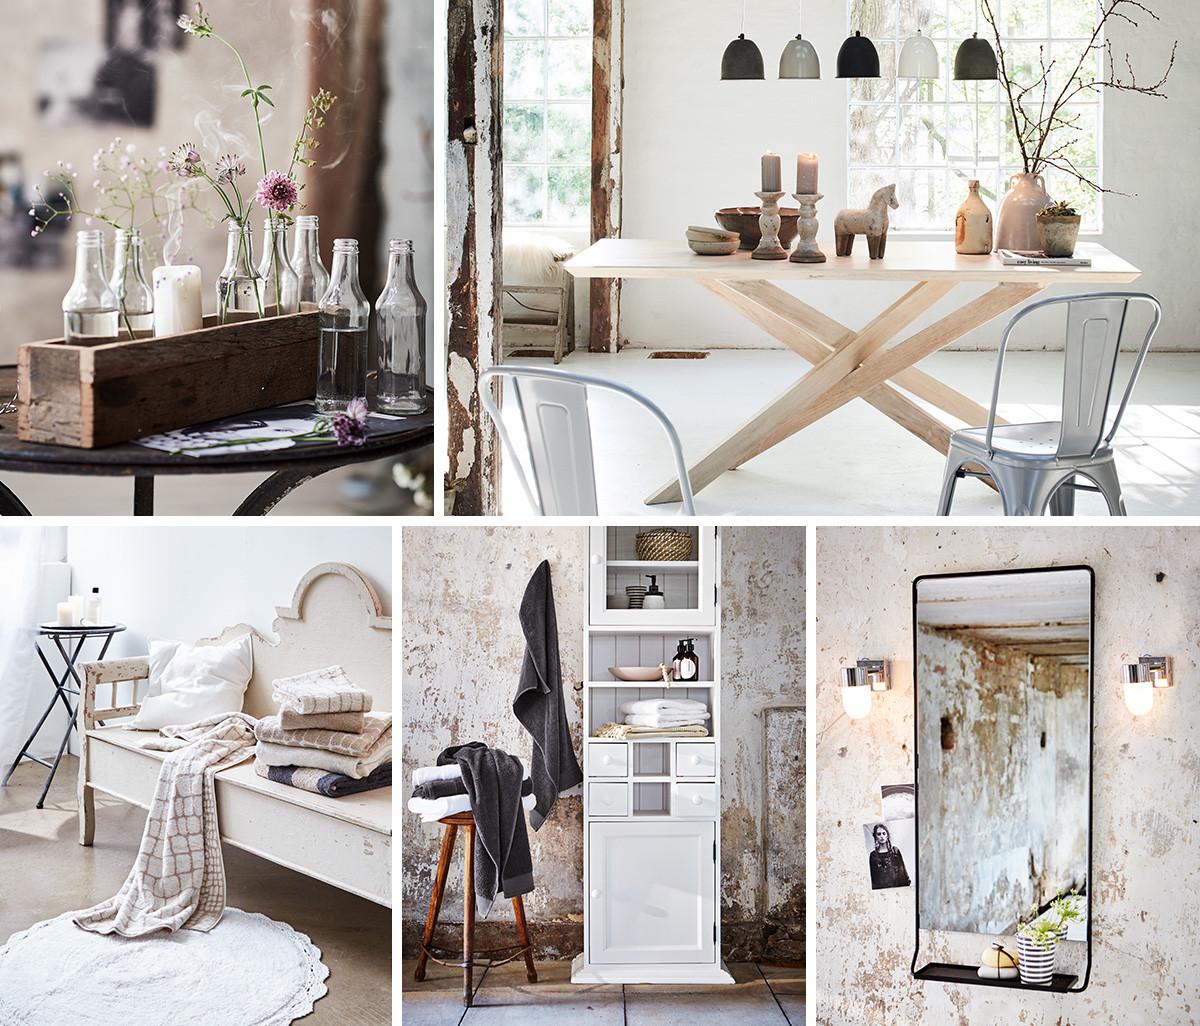 Wohnzimmerz Impressionen Katalog With Bilder Van Laack Spring